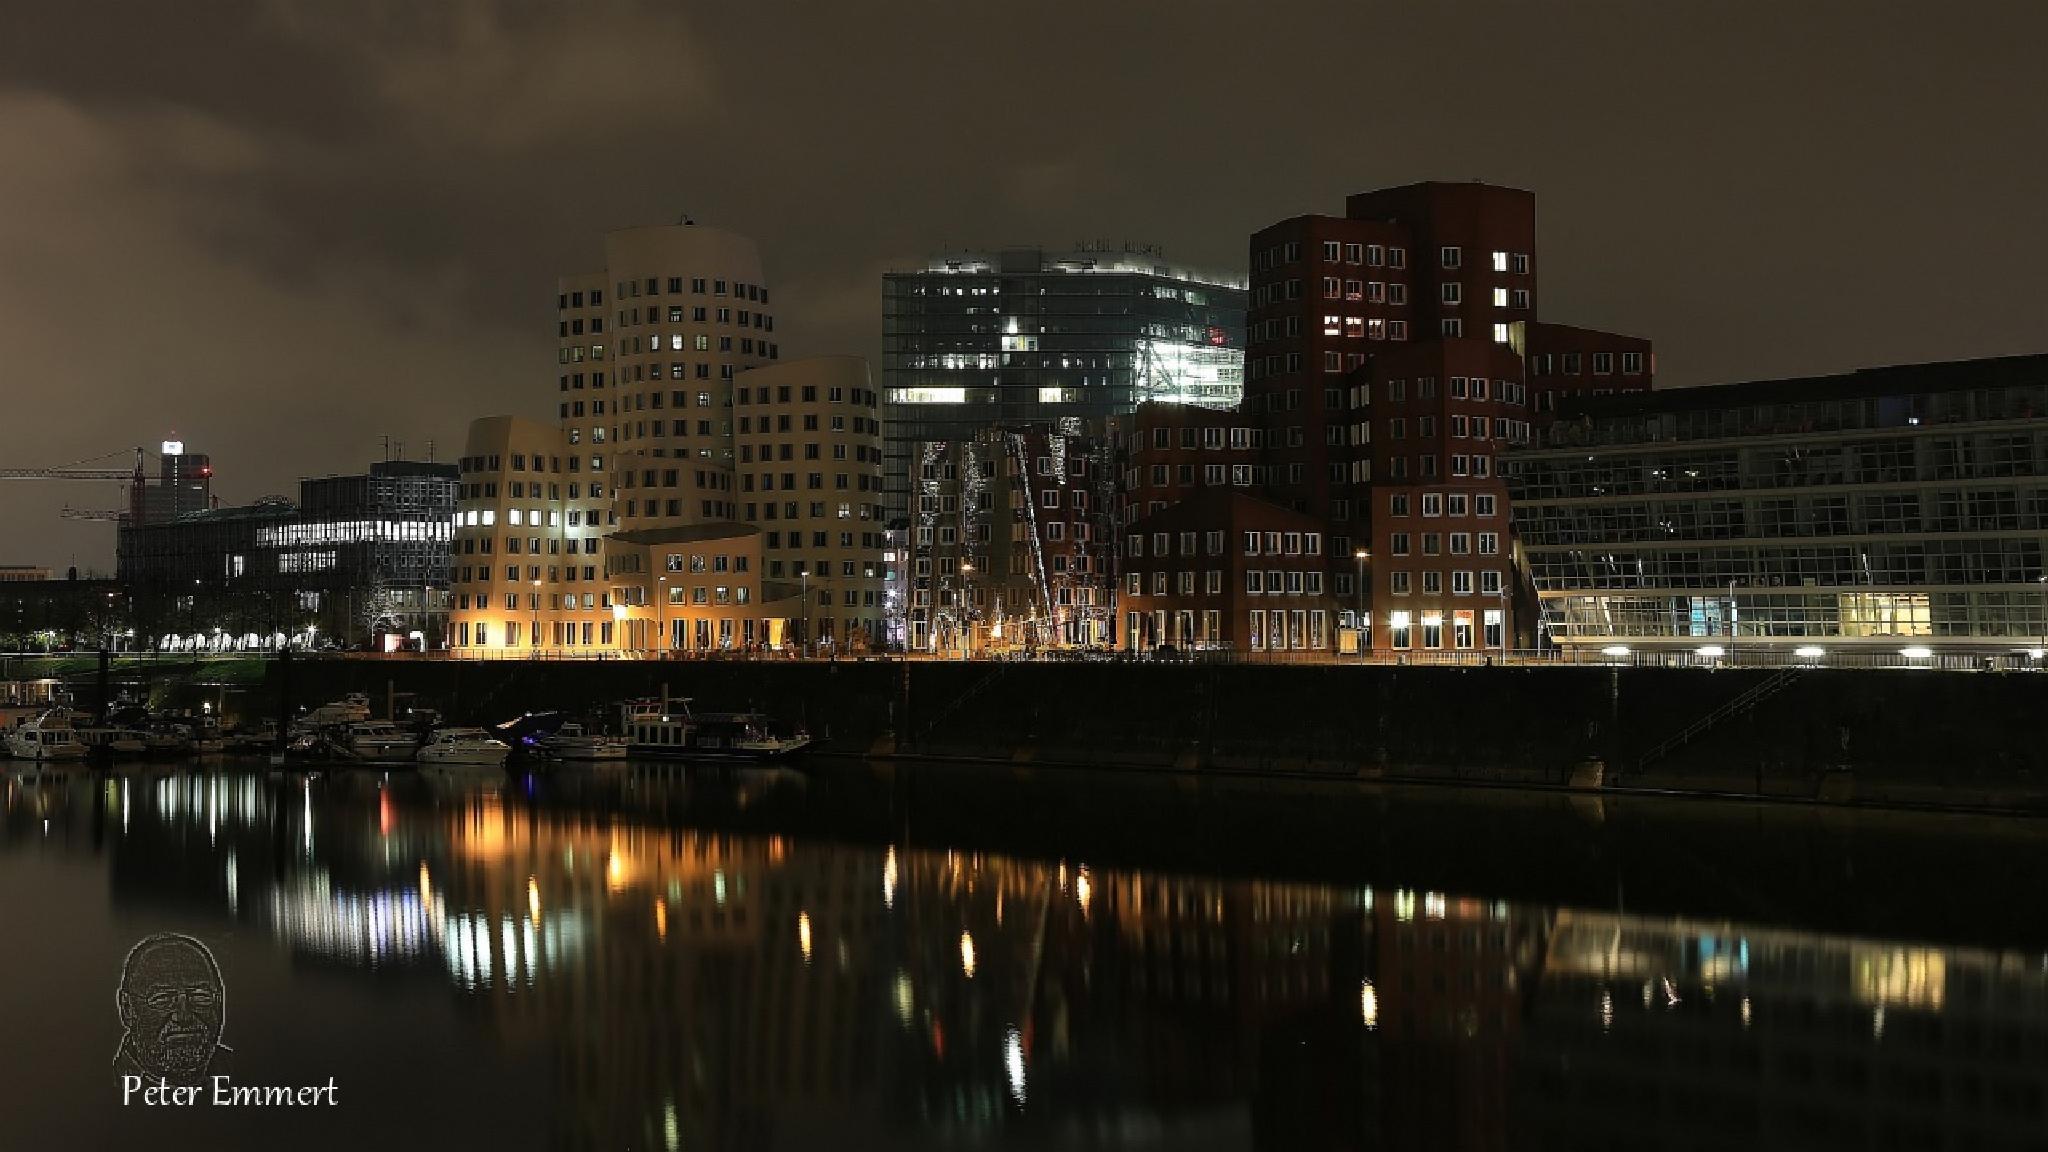 Medienhafen Düsseldorf 1 by Peter Emmert